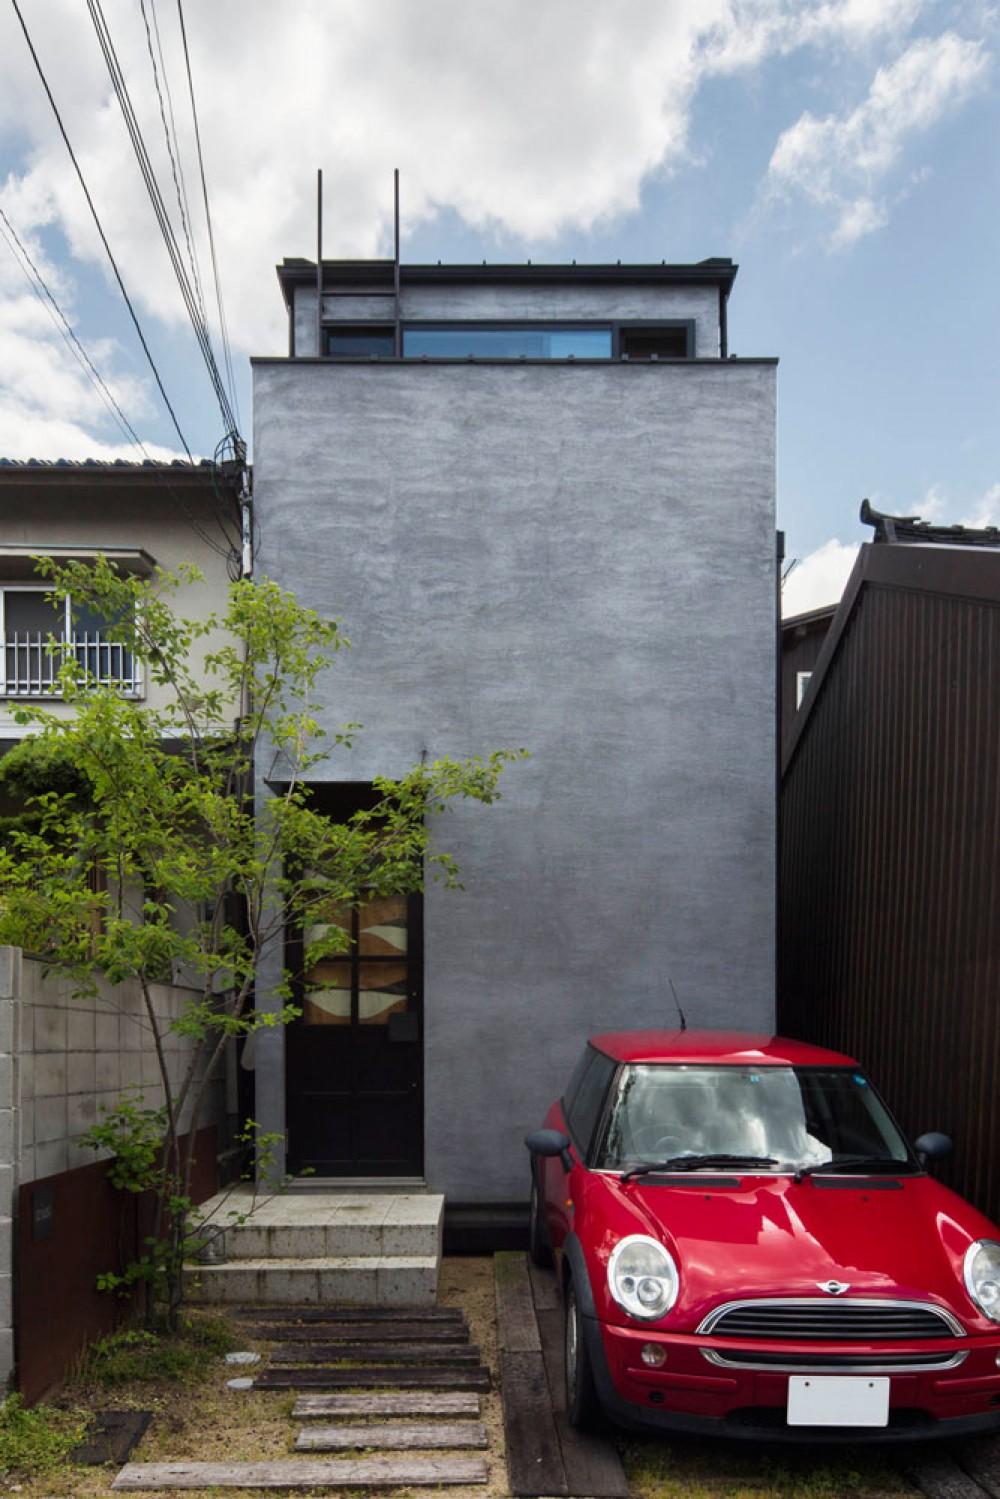 Căn nhà ống kín như bưng nhưng bên trong lại tràn ngập ánh sáng tự nhiên đến khó tin ở Nhật - Ảnh 1.